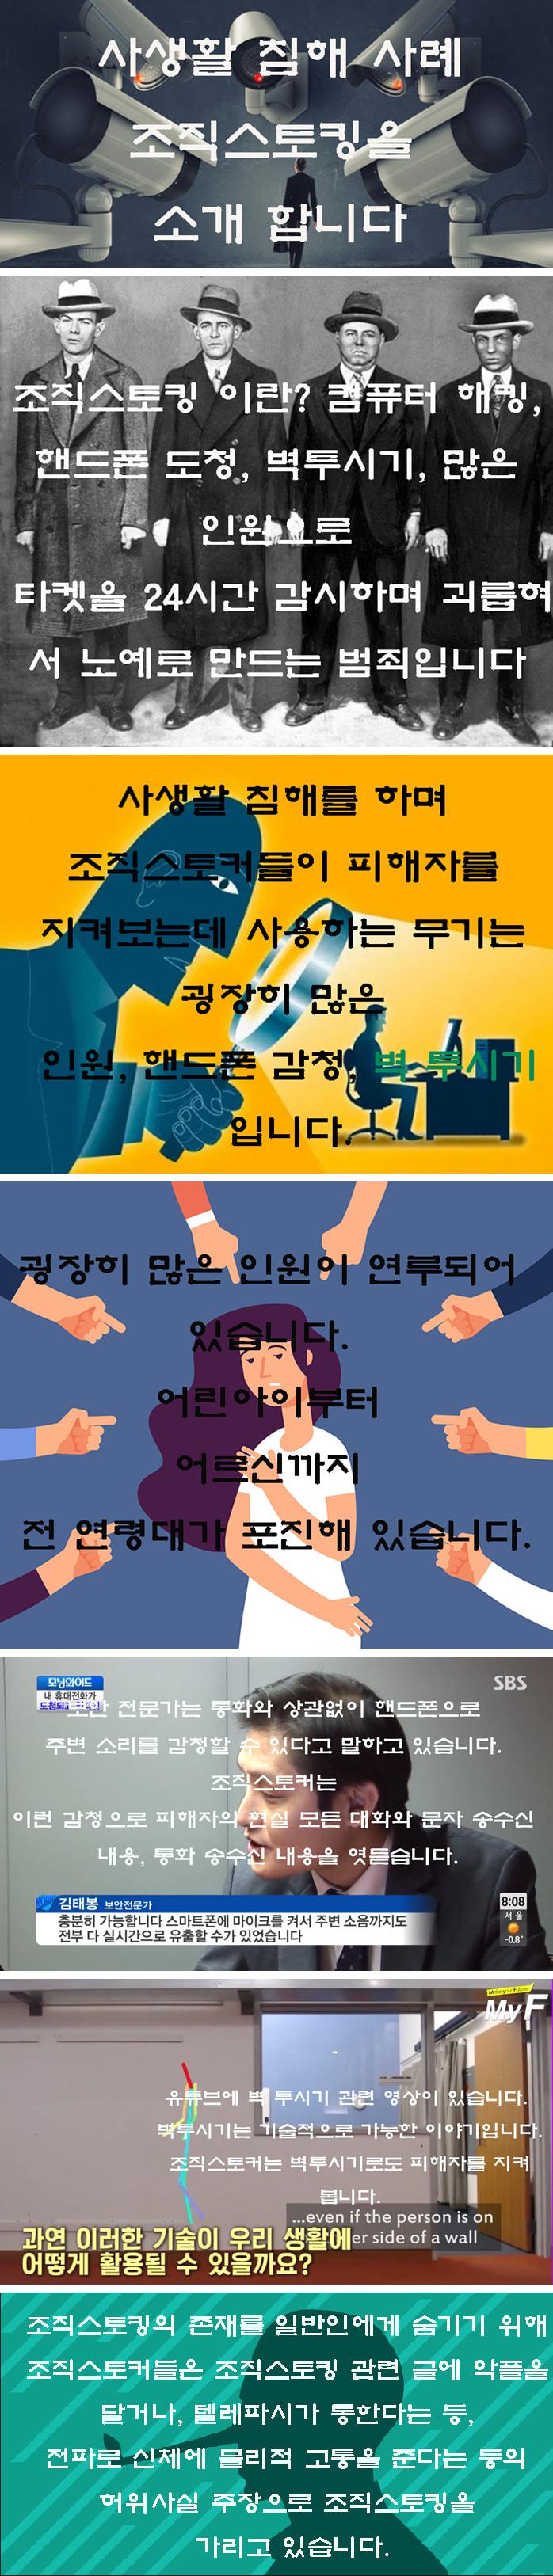 viewimage.php?id=23b8c735dac137a567bac2ac&no=24b0d769e1d32ca73deb86fa11d02831d16706cea37200d6da918279867adc7ea7be194c0357c04890c0f92d4306c8fb76aabc07617445fd069aee41f70181cad08ea42891d47a6e